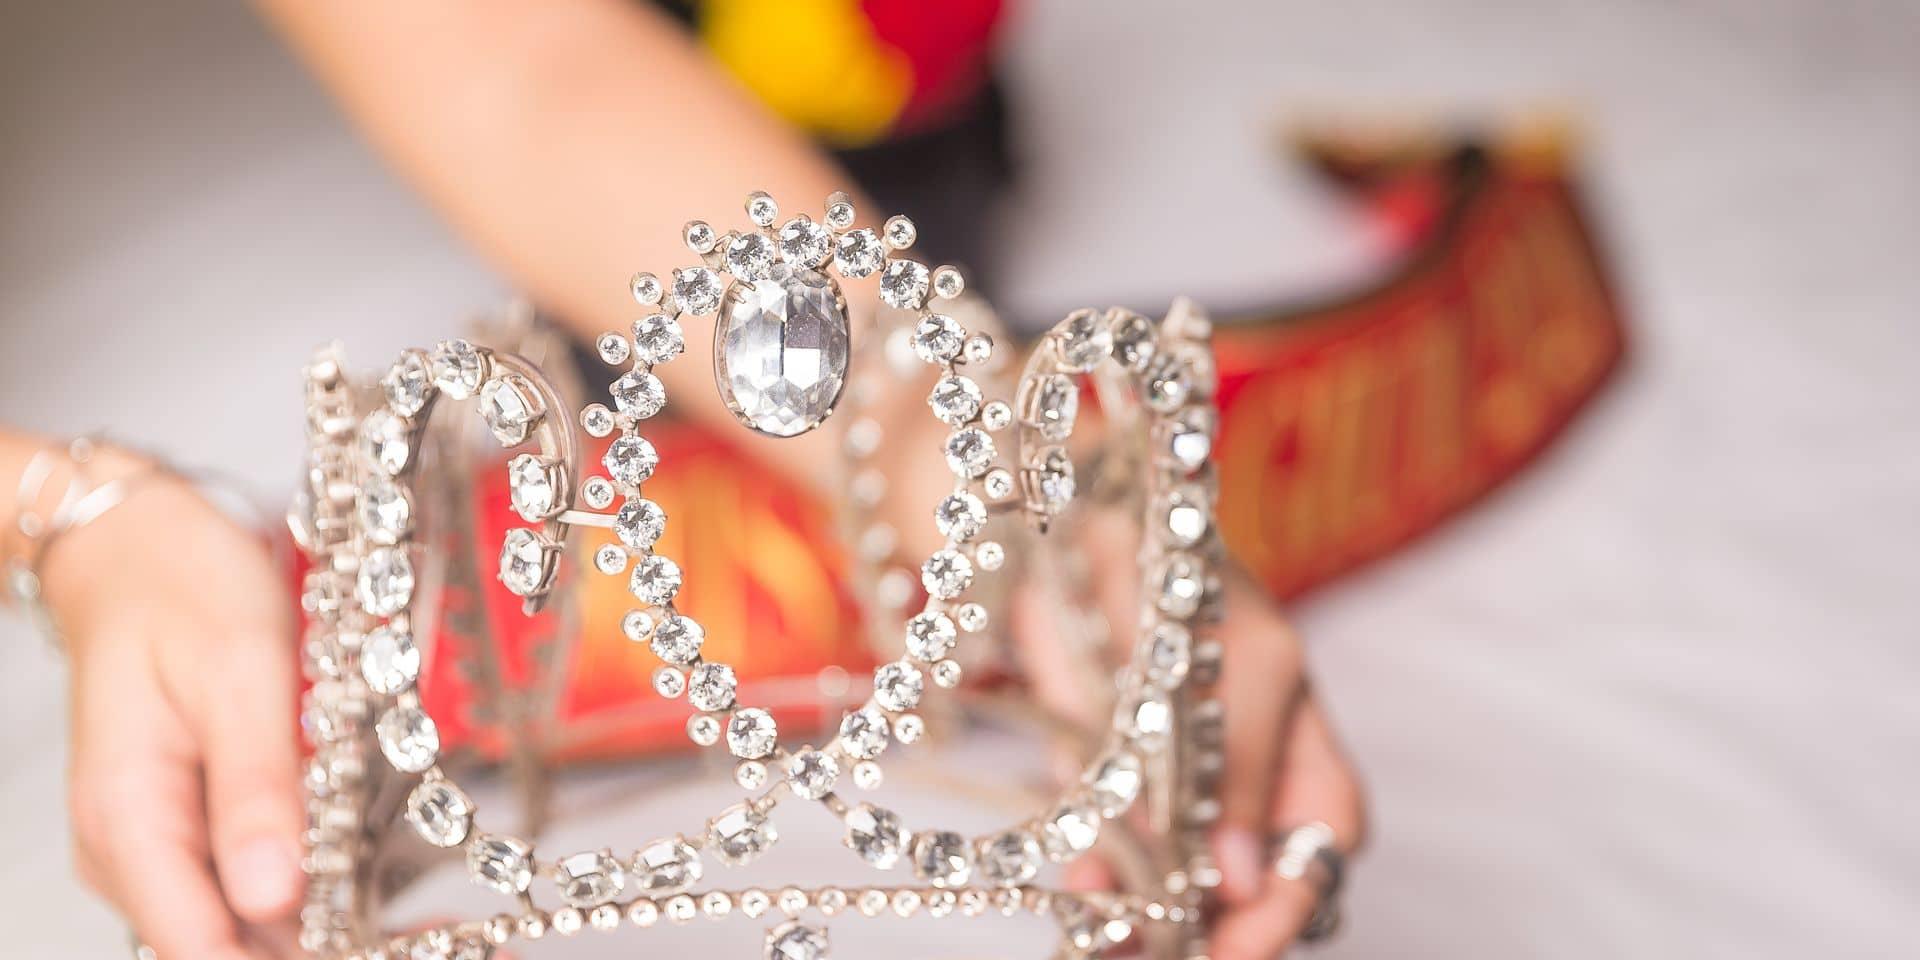 L'élection de Miss Belgique 2021 aura lieu le 31 mars